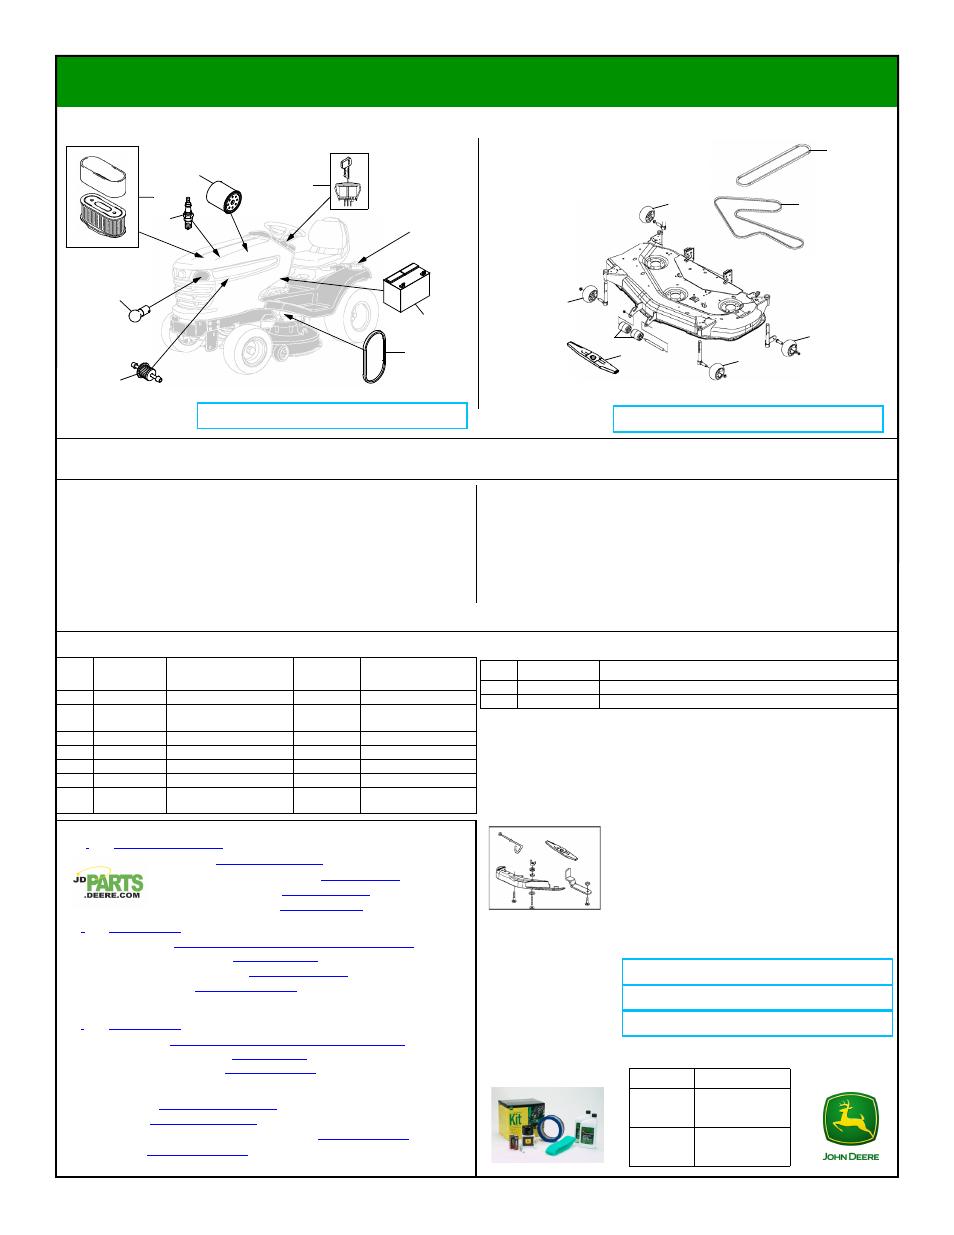 John Deere X320 Deck Belt Routing Manual Guide